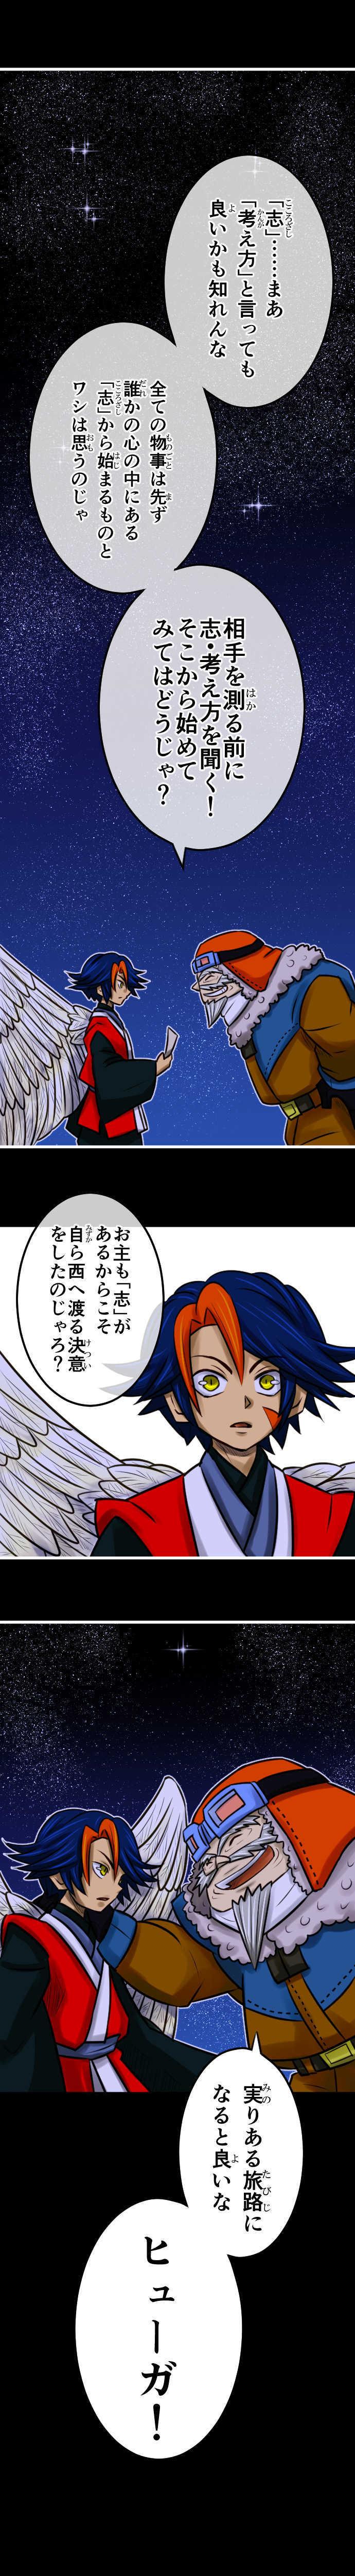 第7話 尊敬する西の鷲